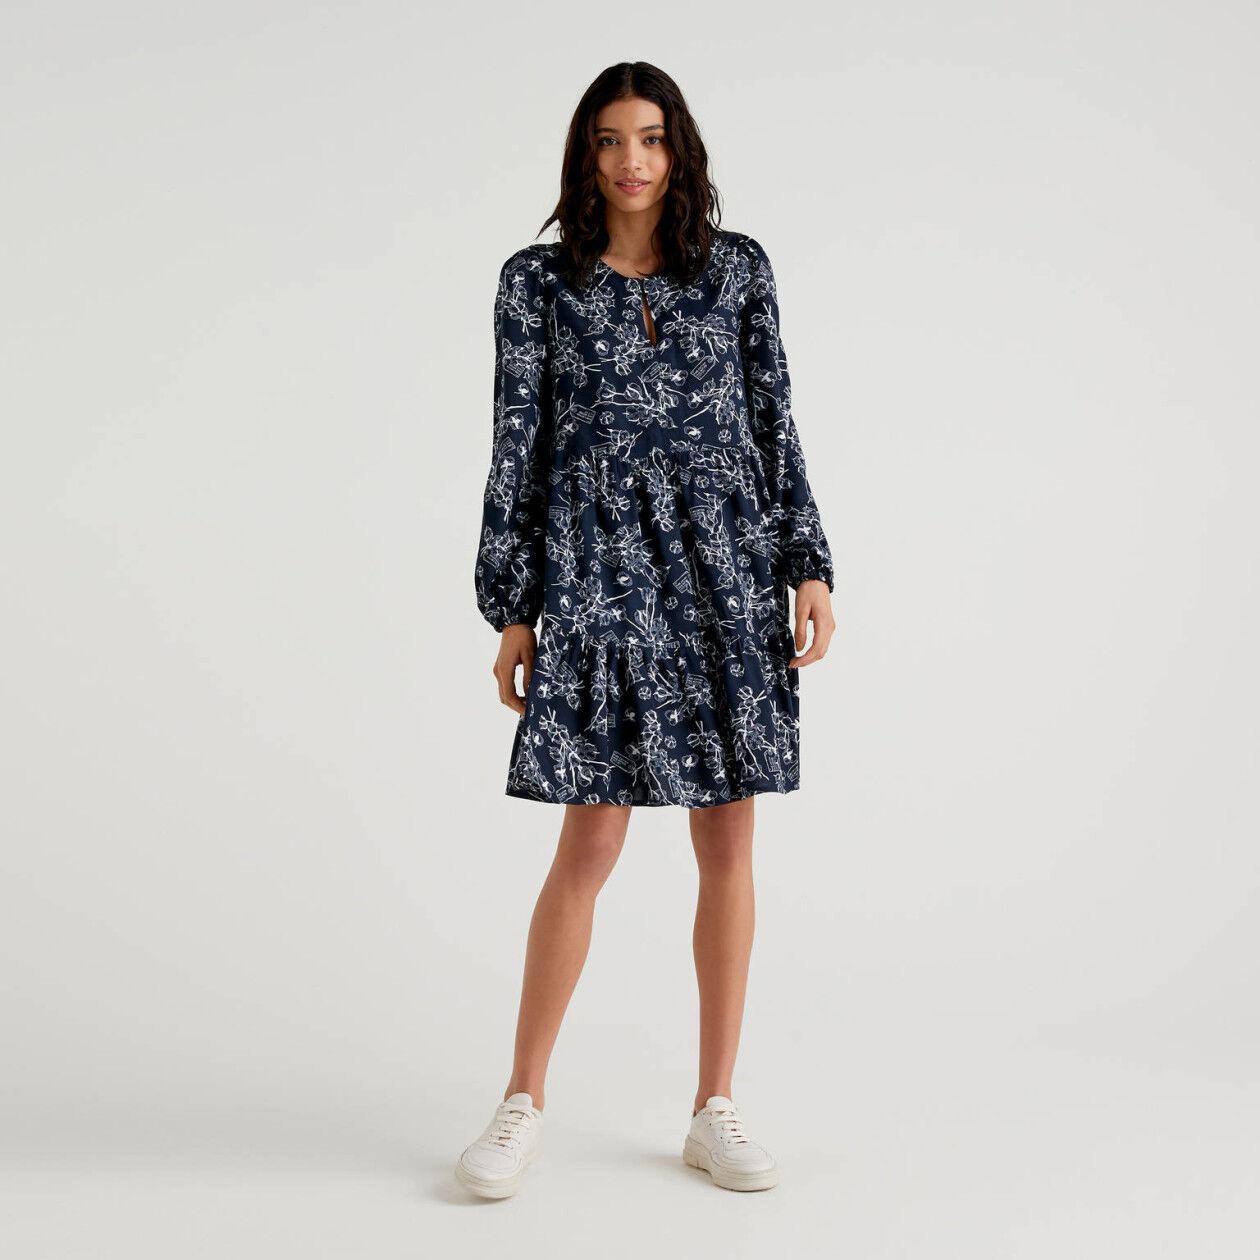 Φόρεμα με βολάν με τύπωμα με σχέδια